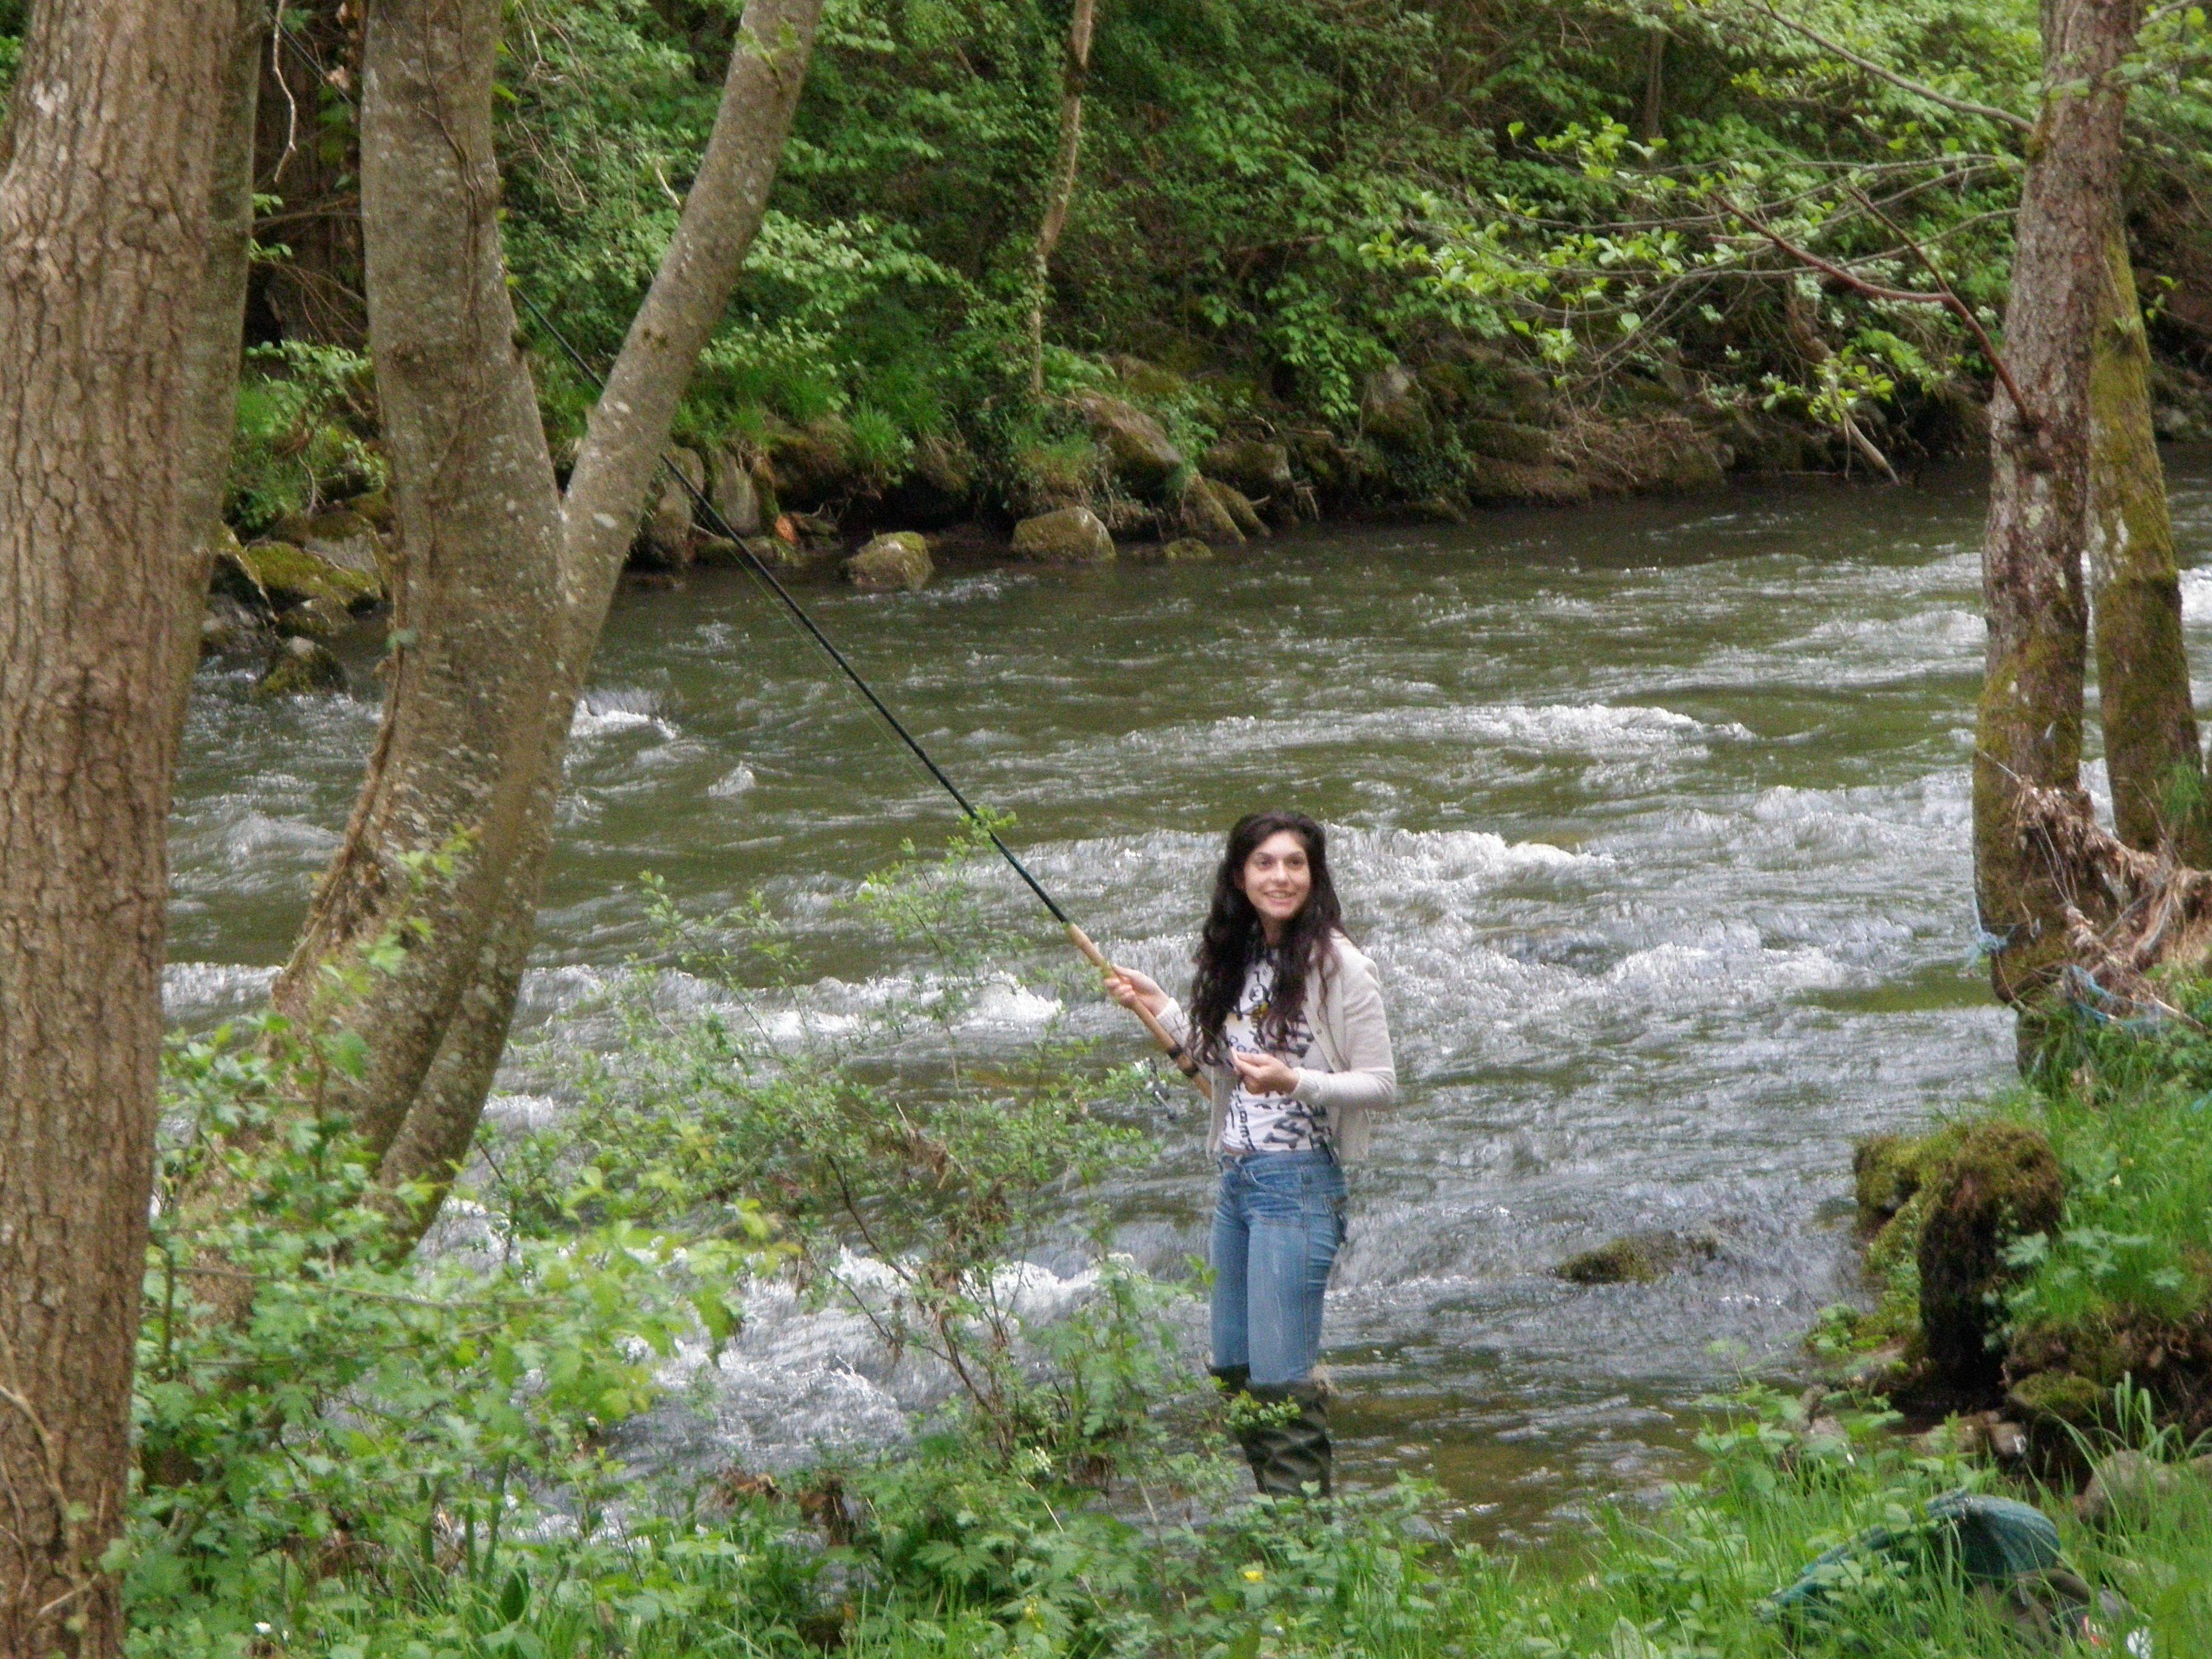 La pêche payante la truite dhiver